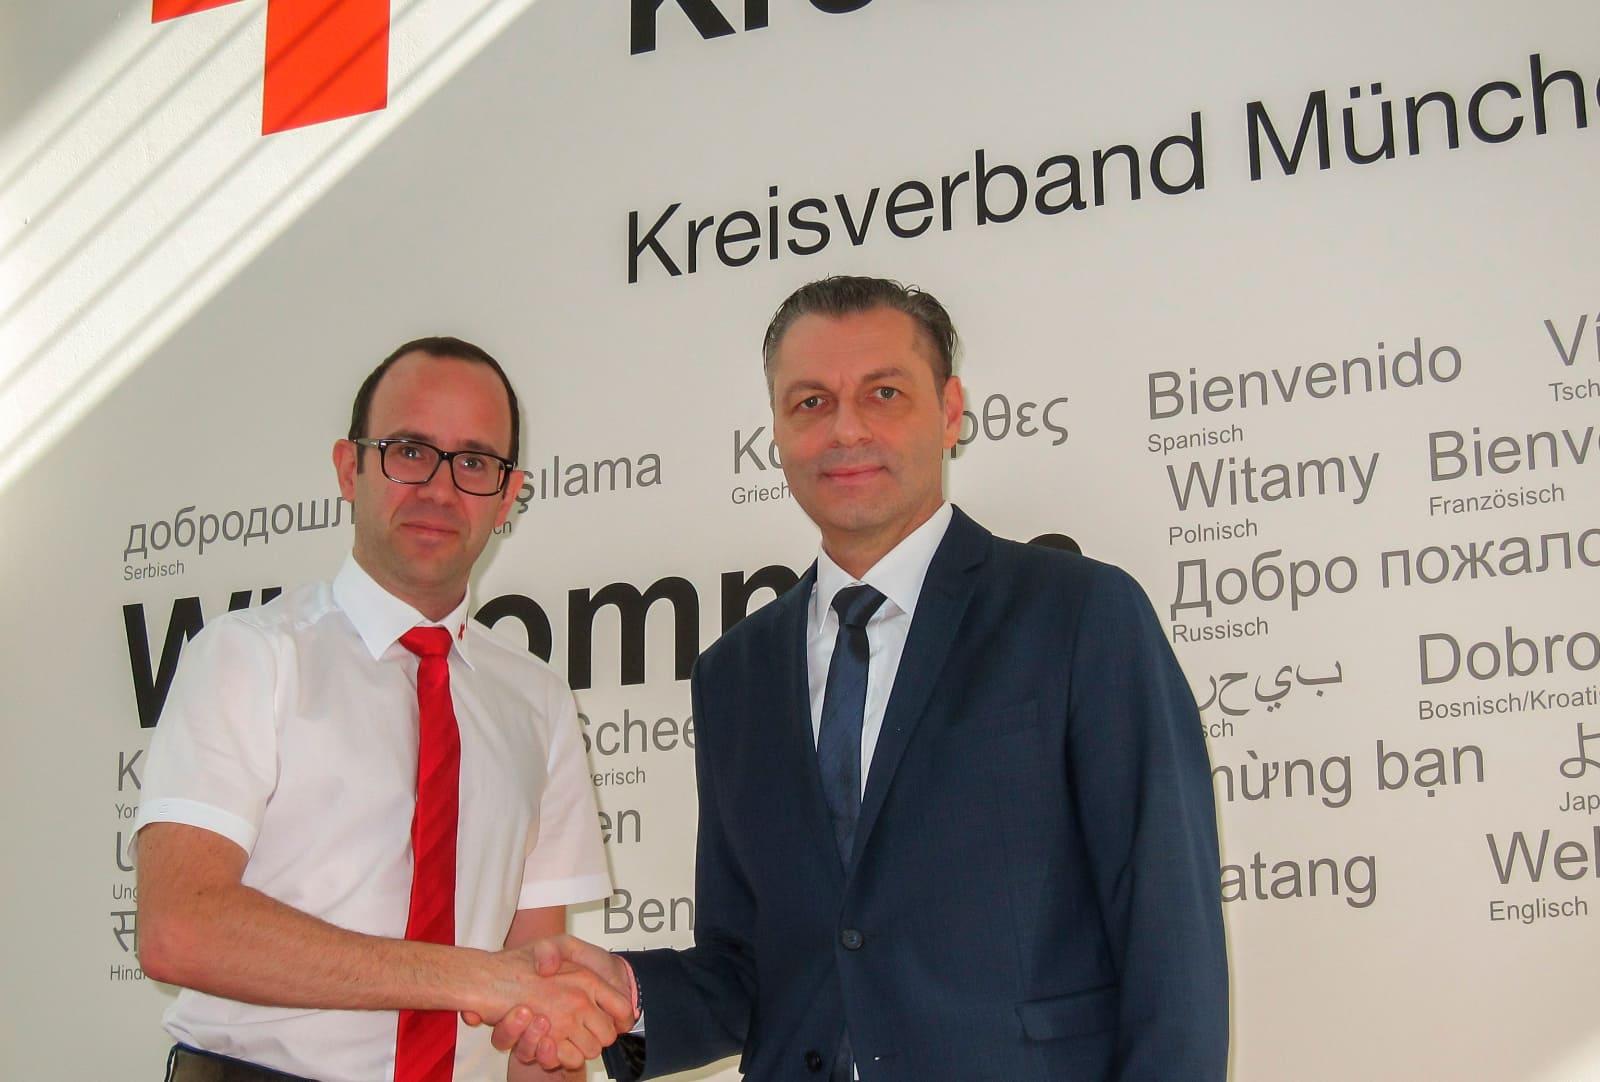 Televés startet ein Pilotprojekt mit dem Bayerischen Roten Kreuz zur Einführung von Carelife™ auf dem deutschen Markt